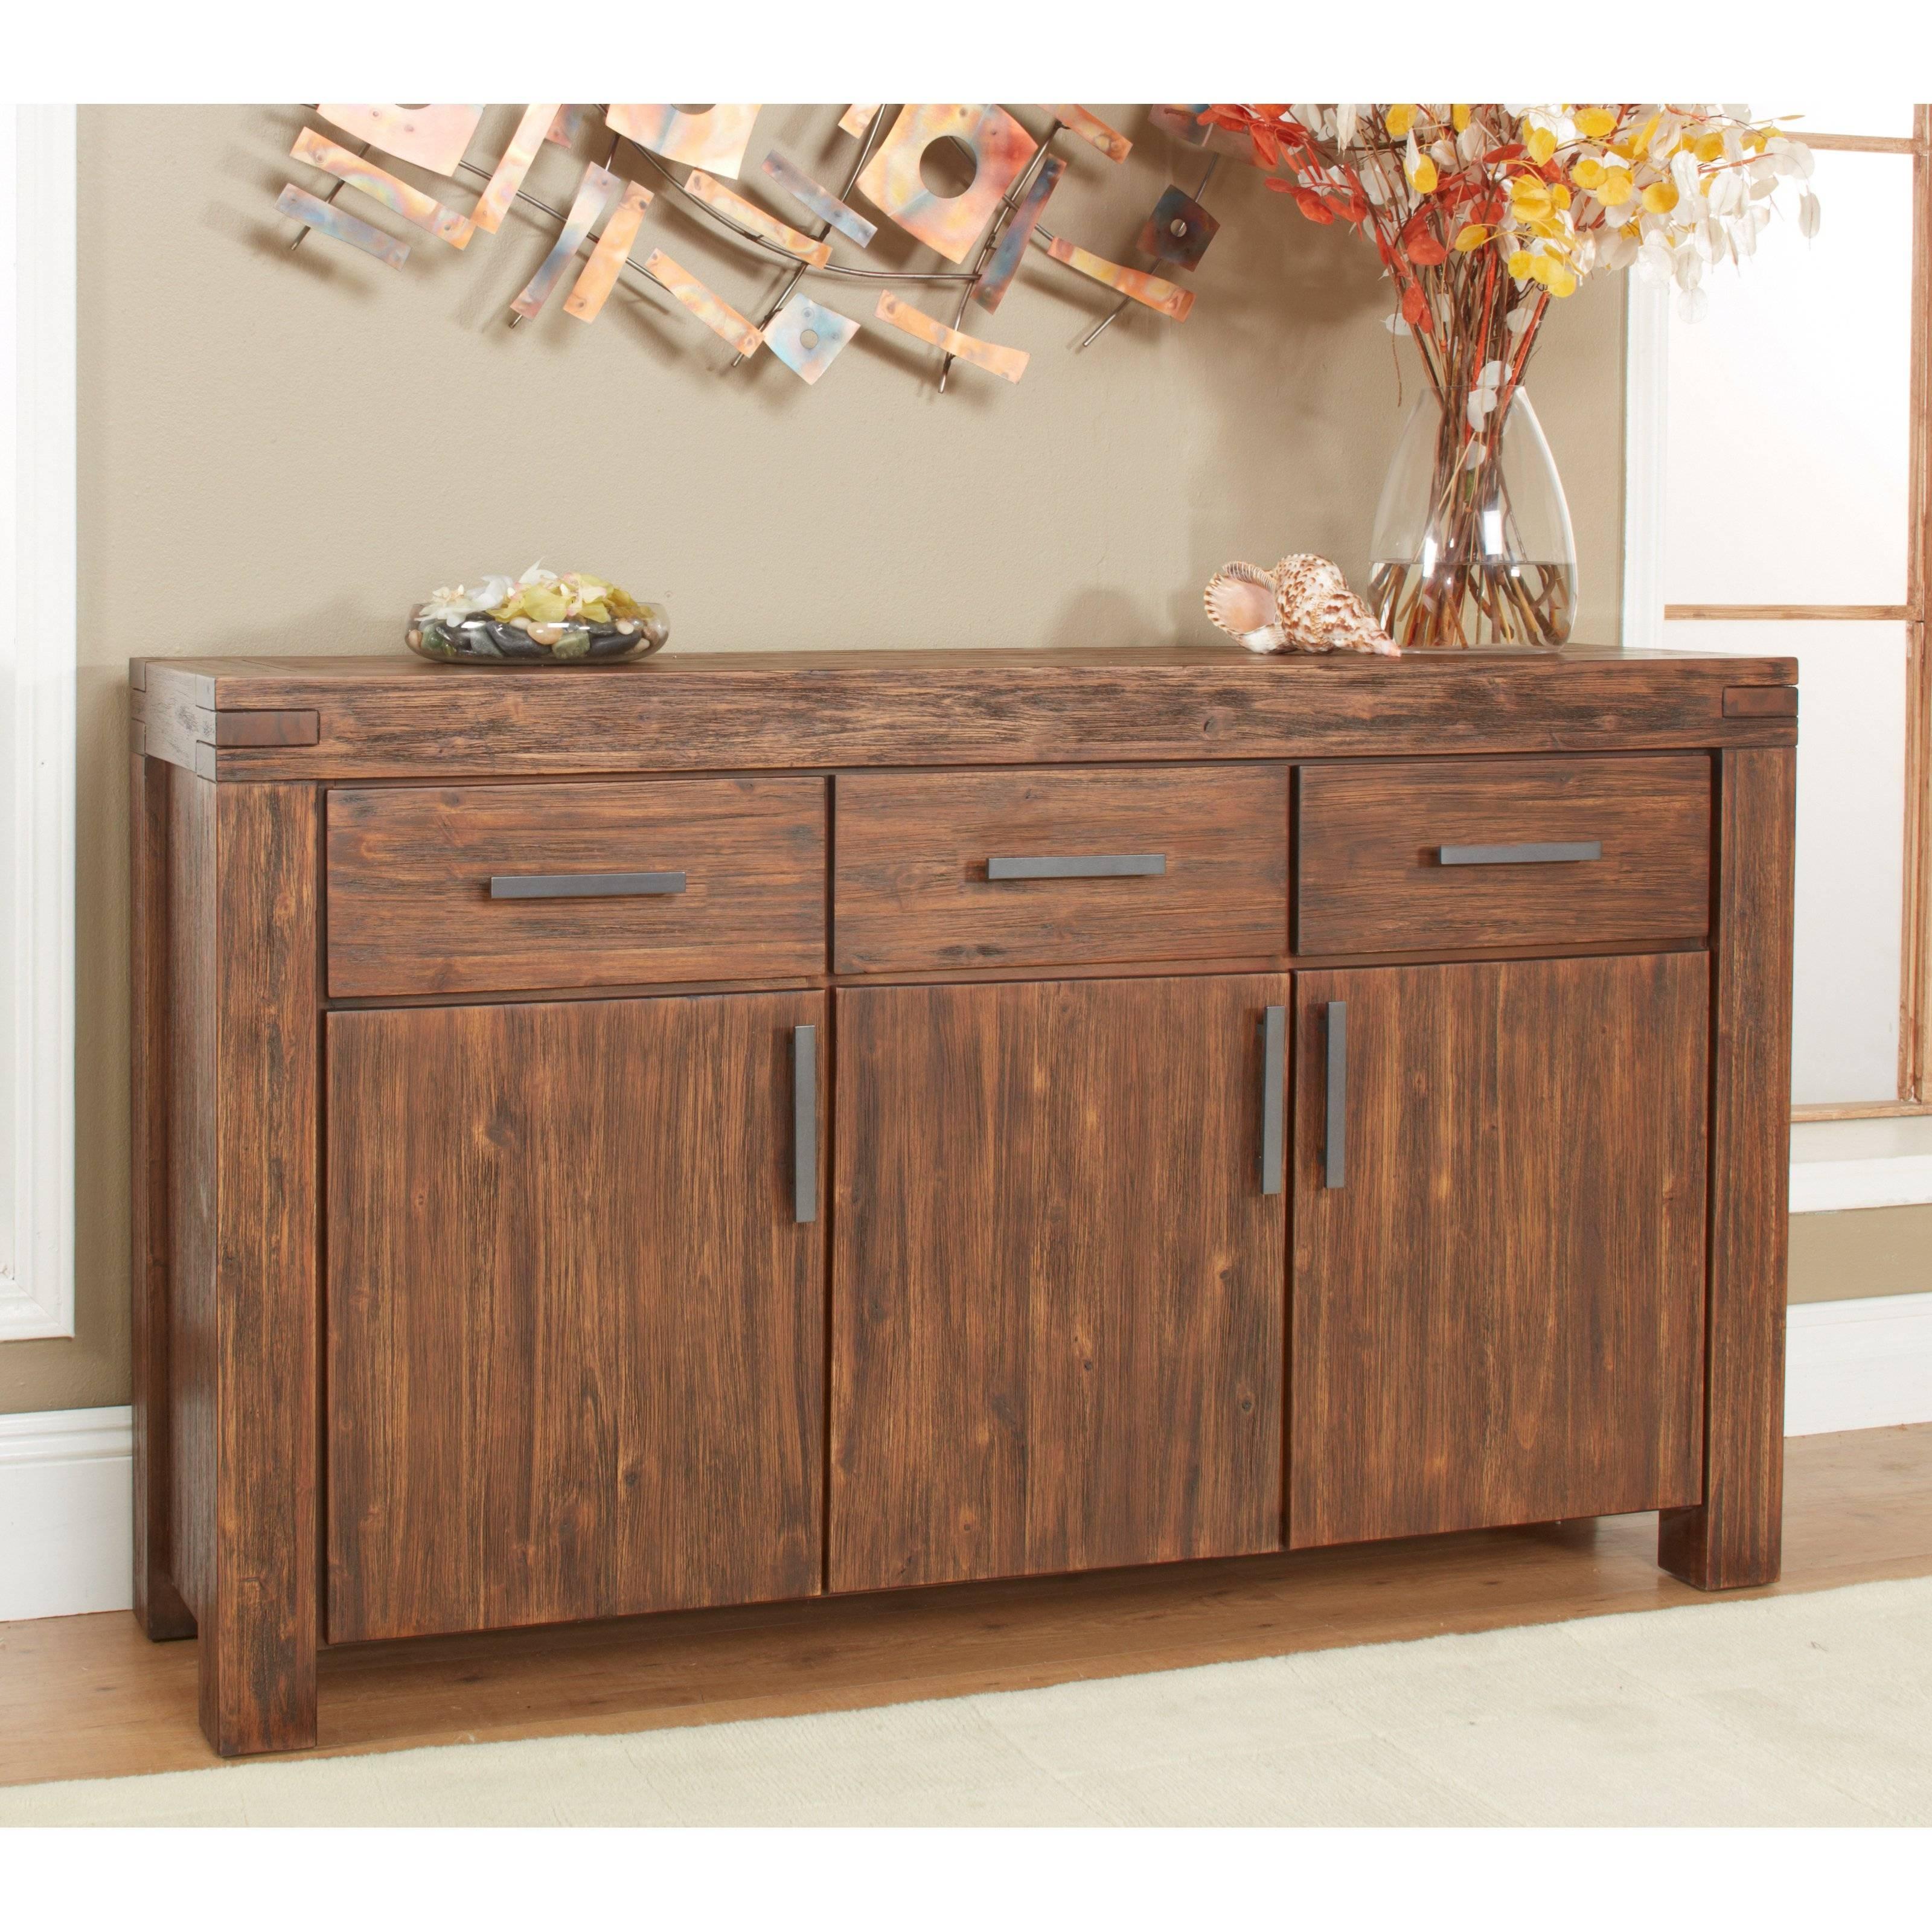 Modus Meadow 3 Door 3 Drawer Solid Wood Sideboard – Brick Brown Regarding Most Popular Solid Wood Sideboards (#8 of 15)